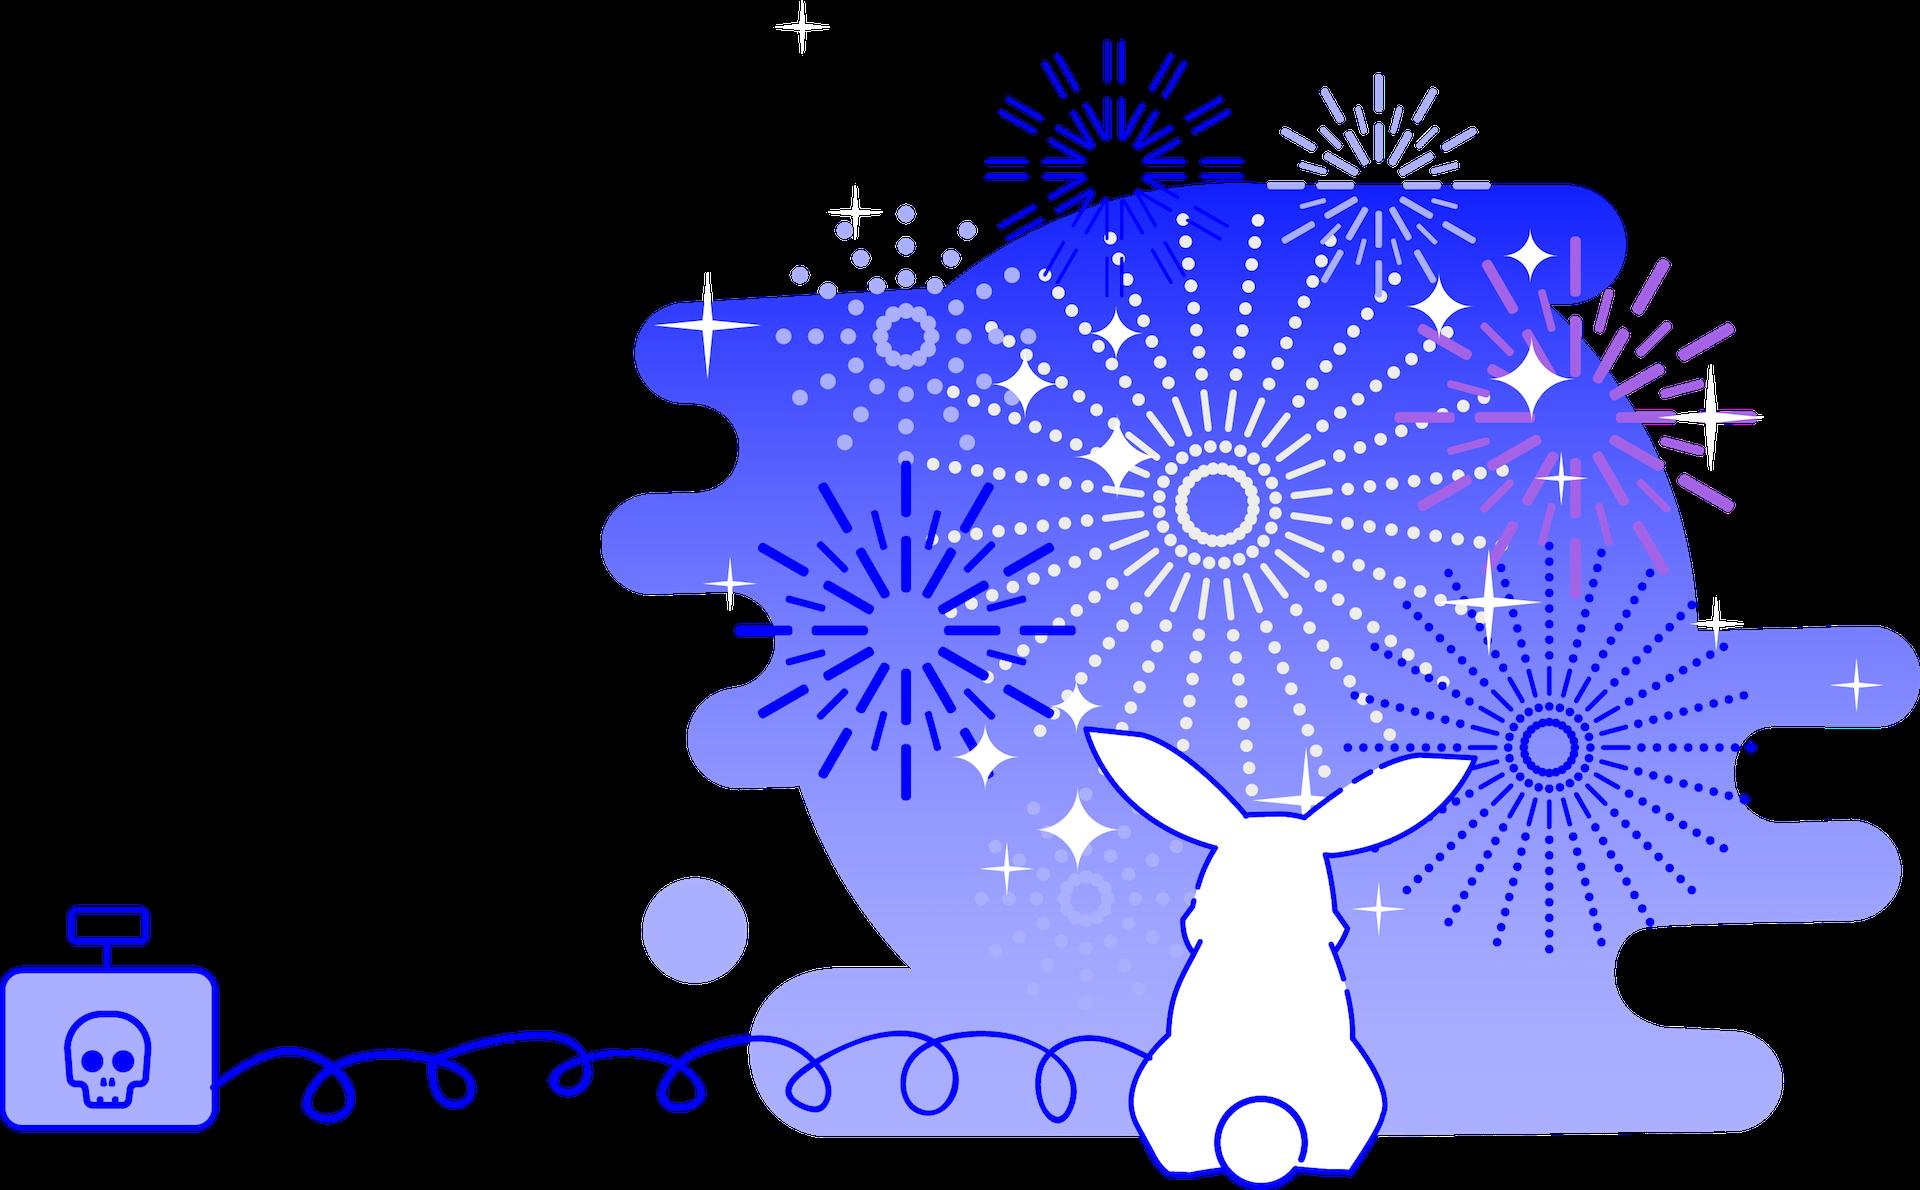 minuteman webdesign und grafik mit dem gewissen WOW-Effekt - Hase betrachtet Feuerwerk